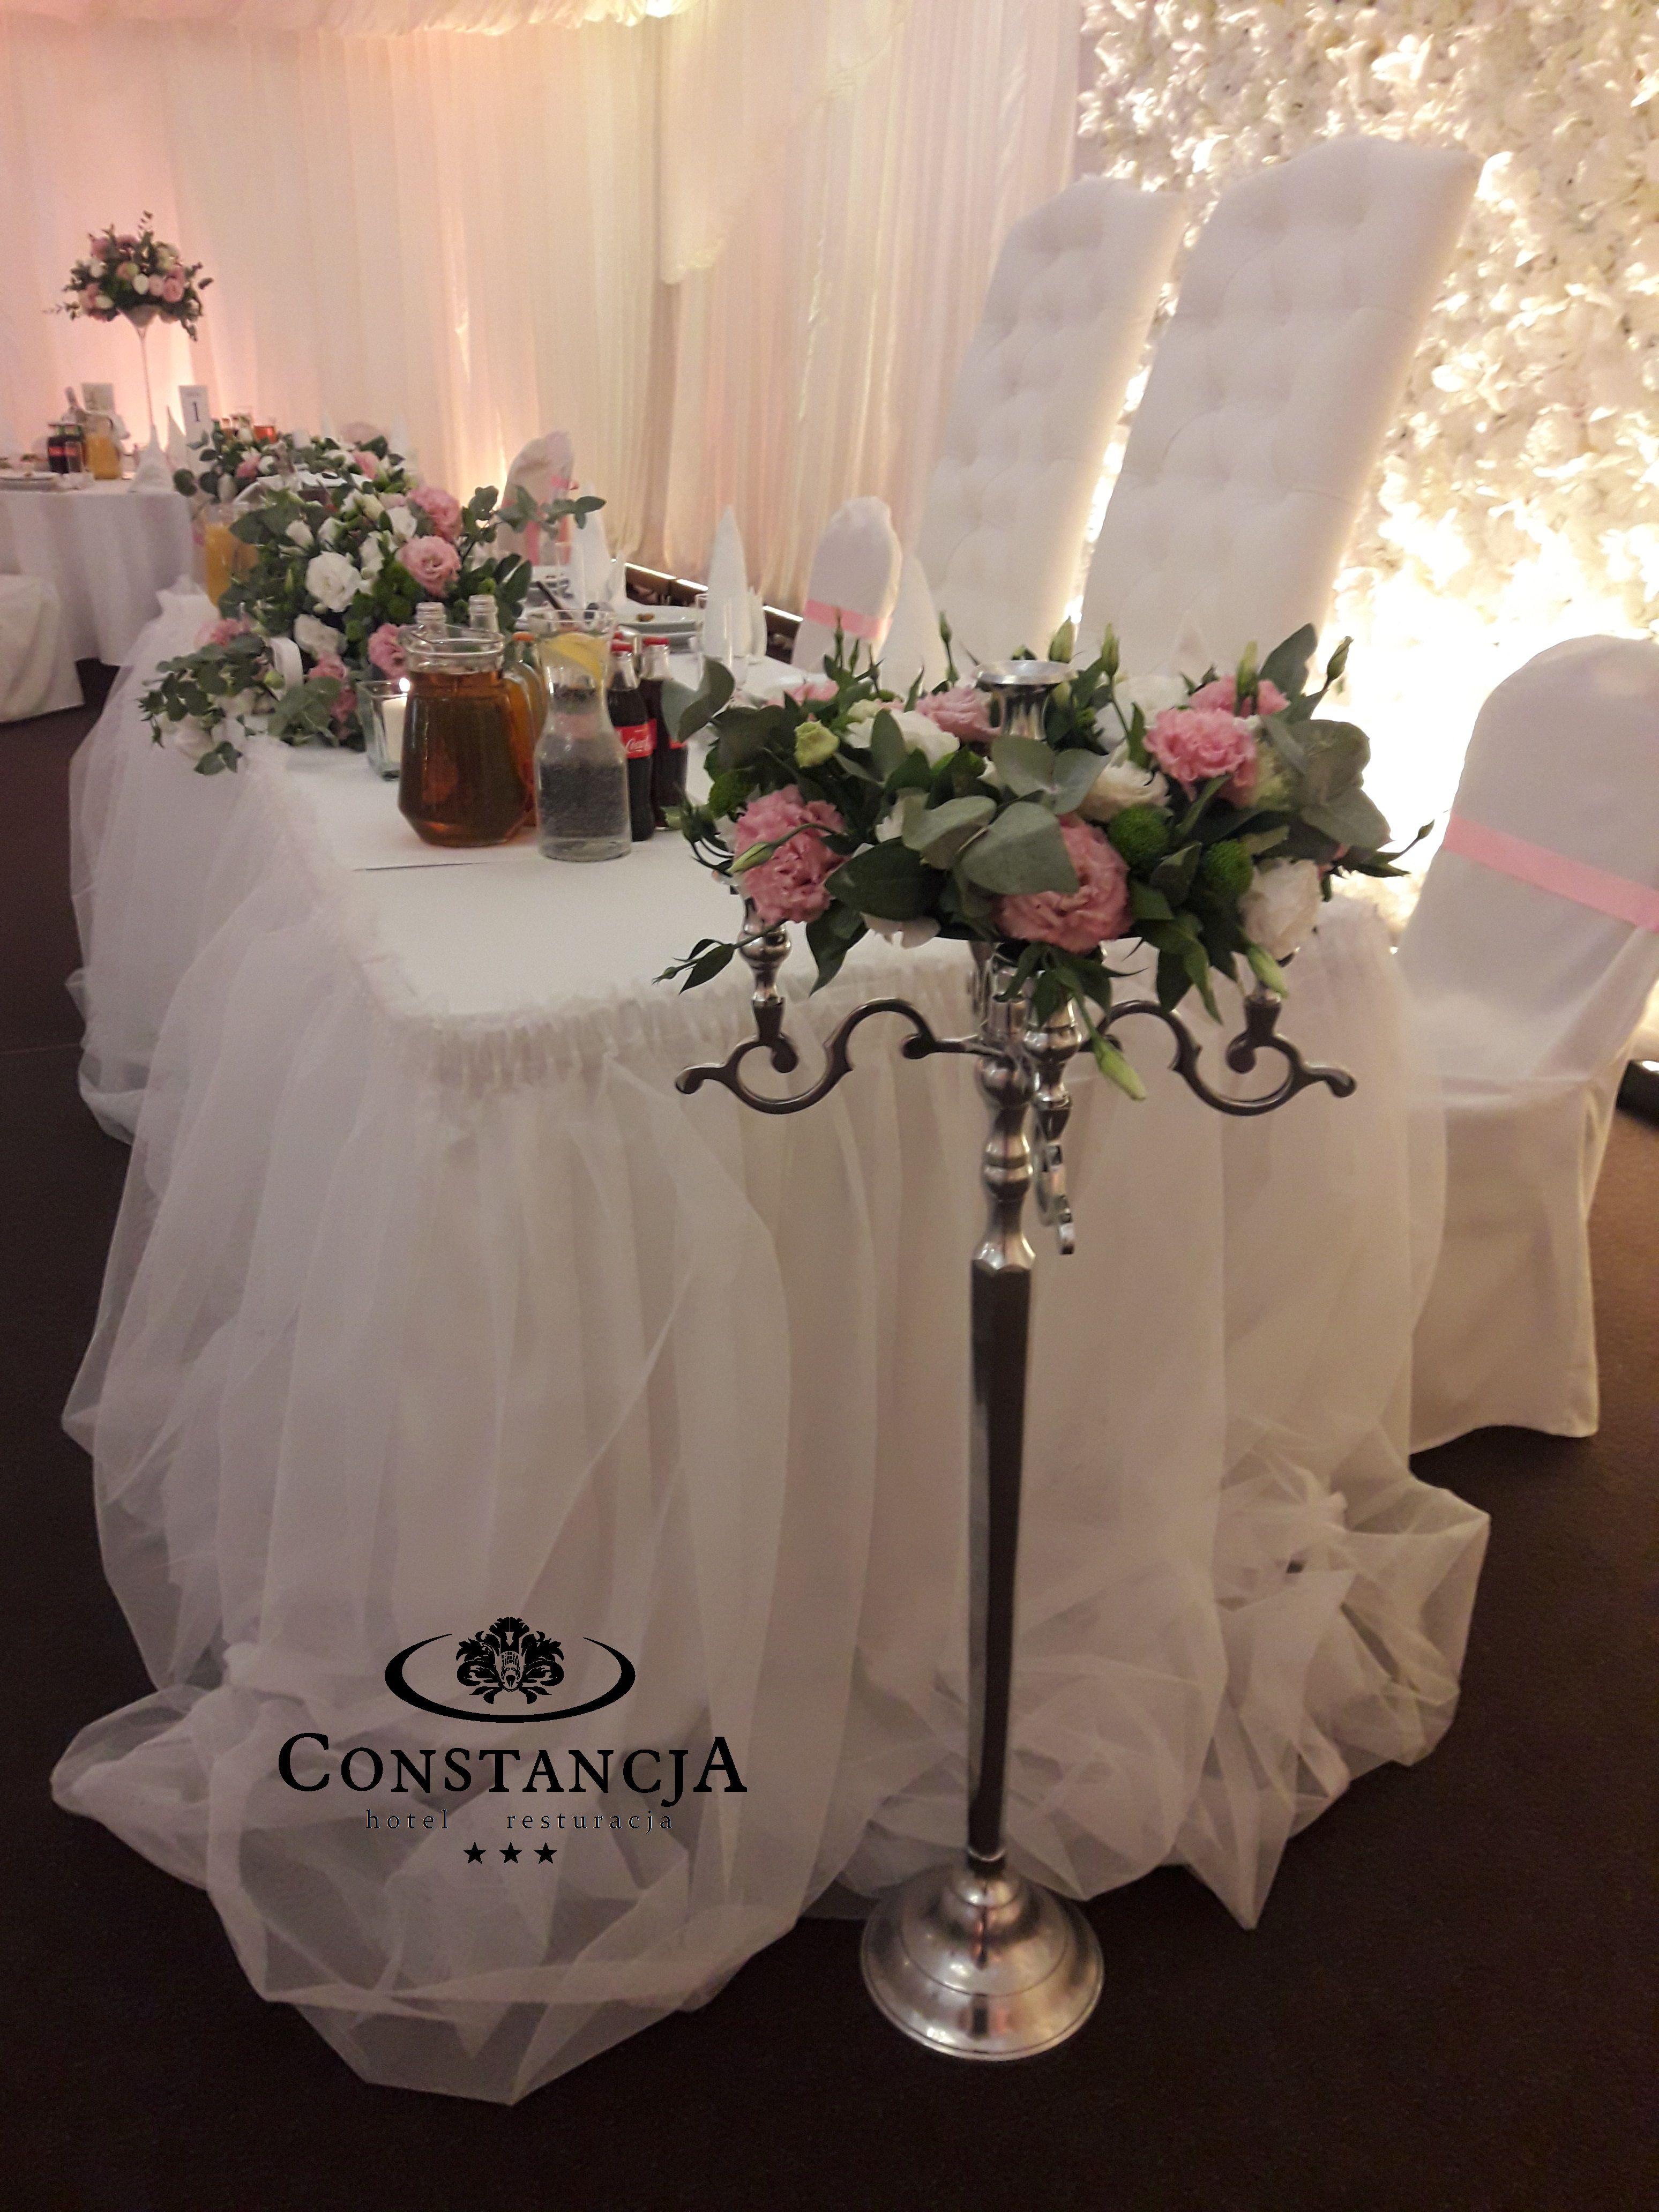 Kandelabry Wianek Tiul Scianka Kwiatowa Wesele W Maiocie Table Decorations Decor Home Decor